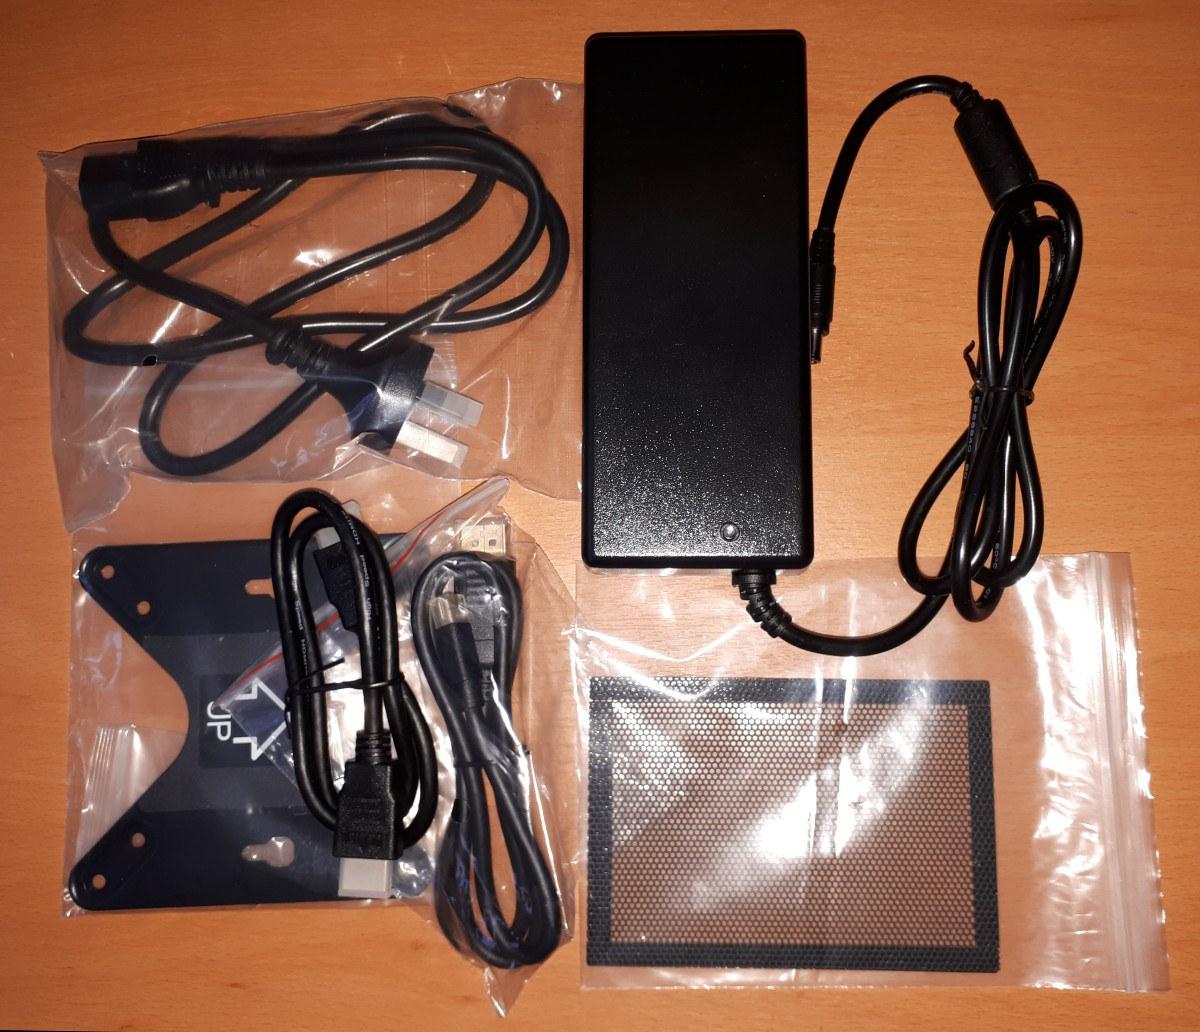 EliteMini H31G accessories